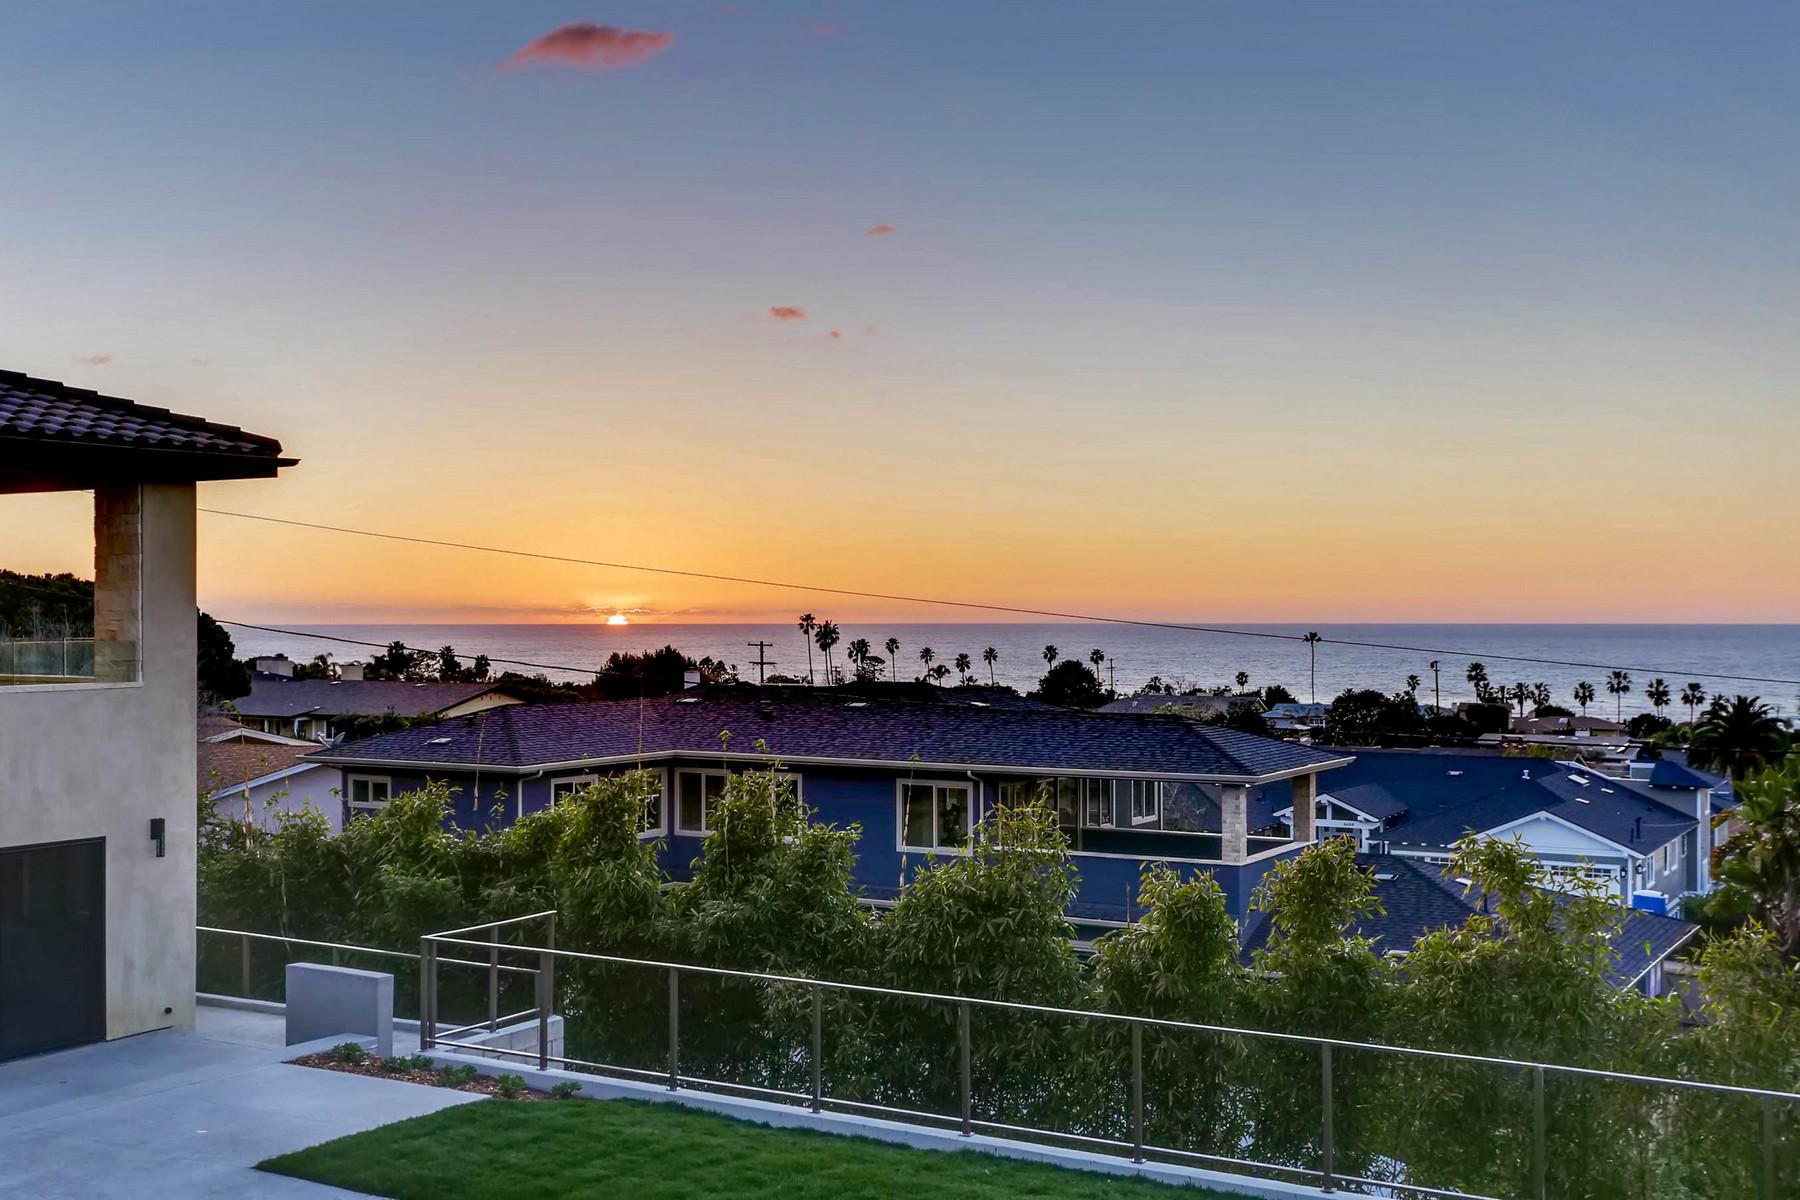 Villa per Vendita alle ore 1222 Muirlands Vista Way La Jolla, California, 92037 Stati Uniti